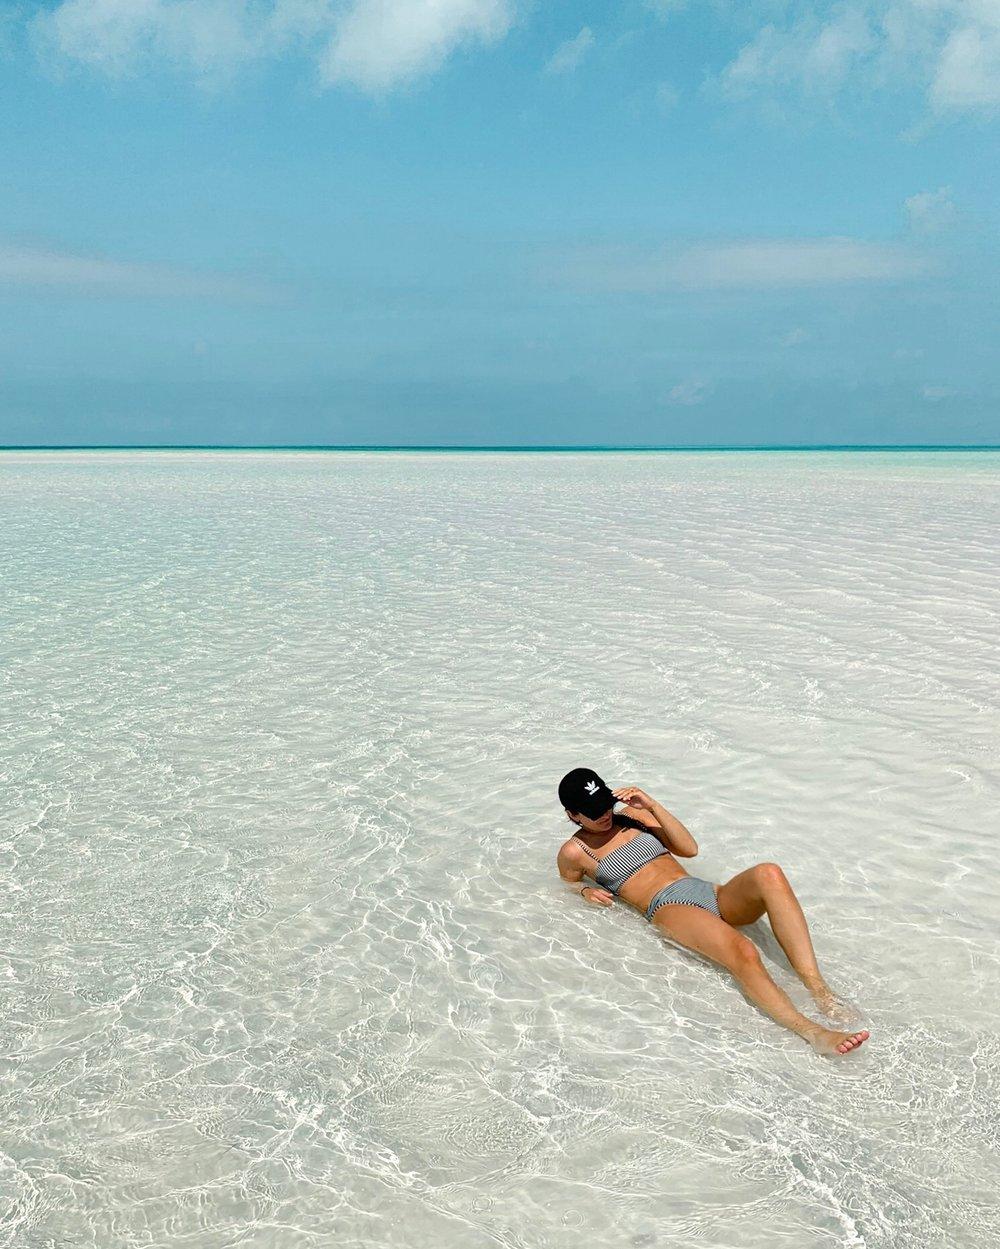 Sand Dollar Beach, Bahamas.JPG